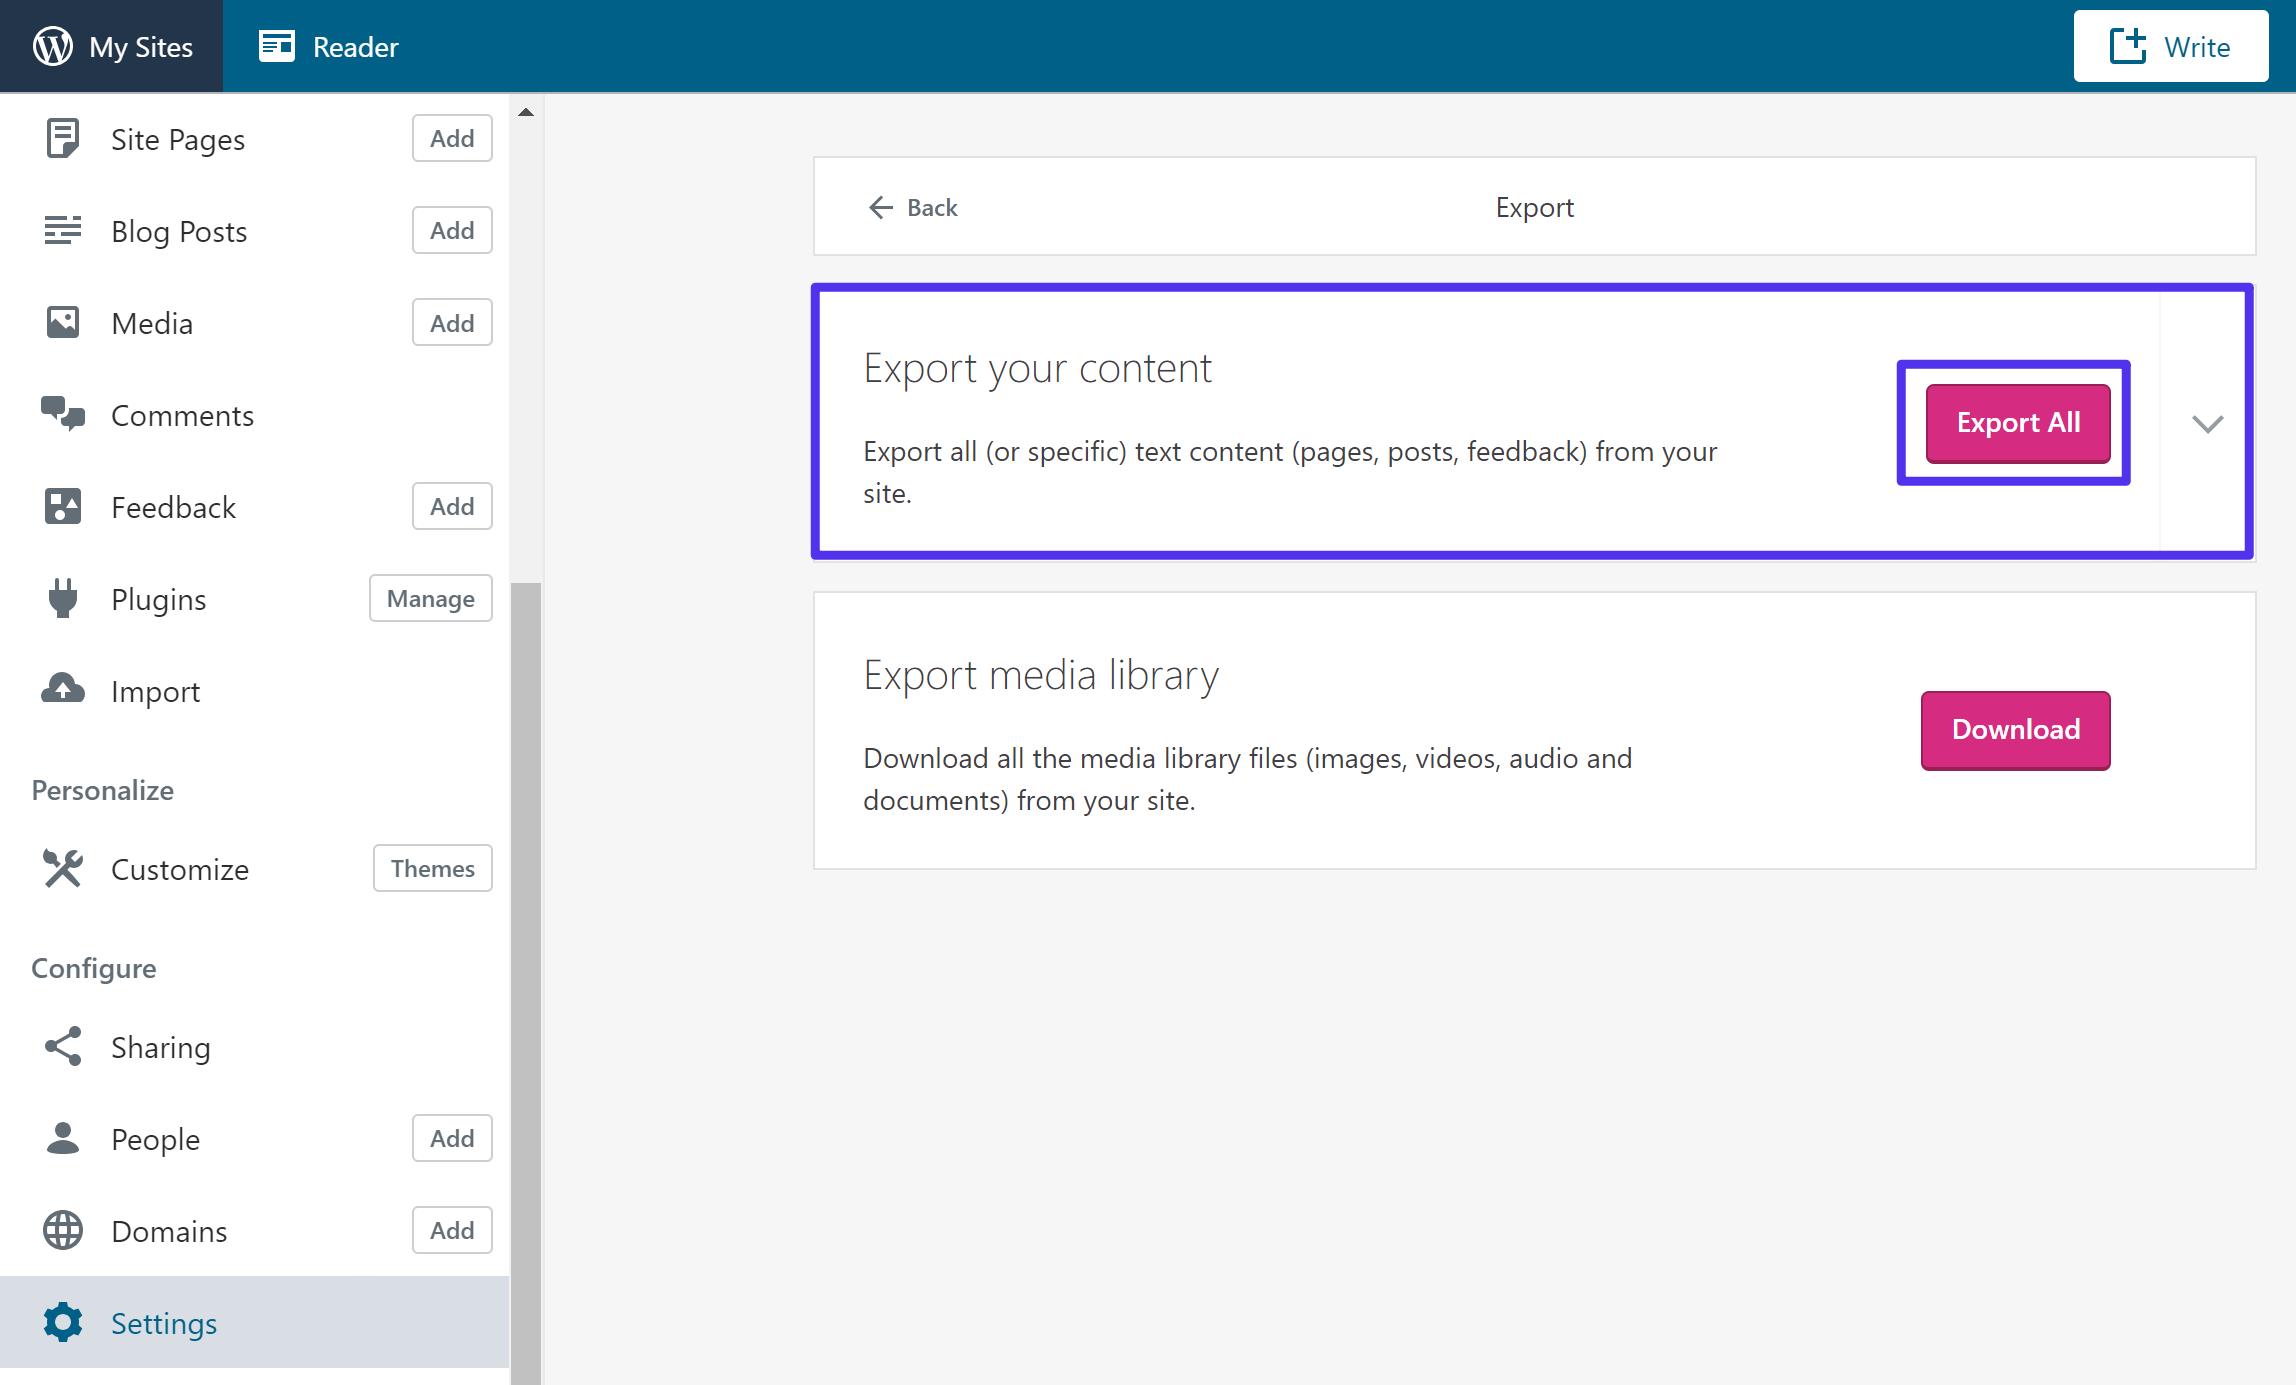 Exporte seu conteúdo do WordPress.com